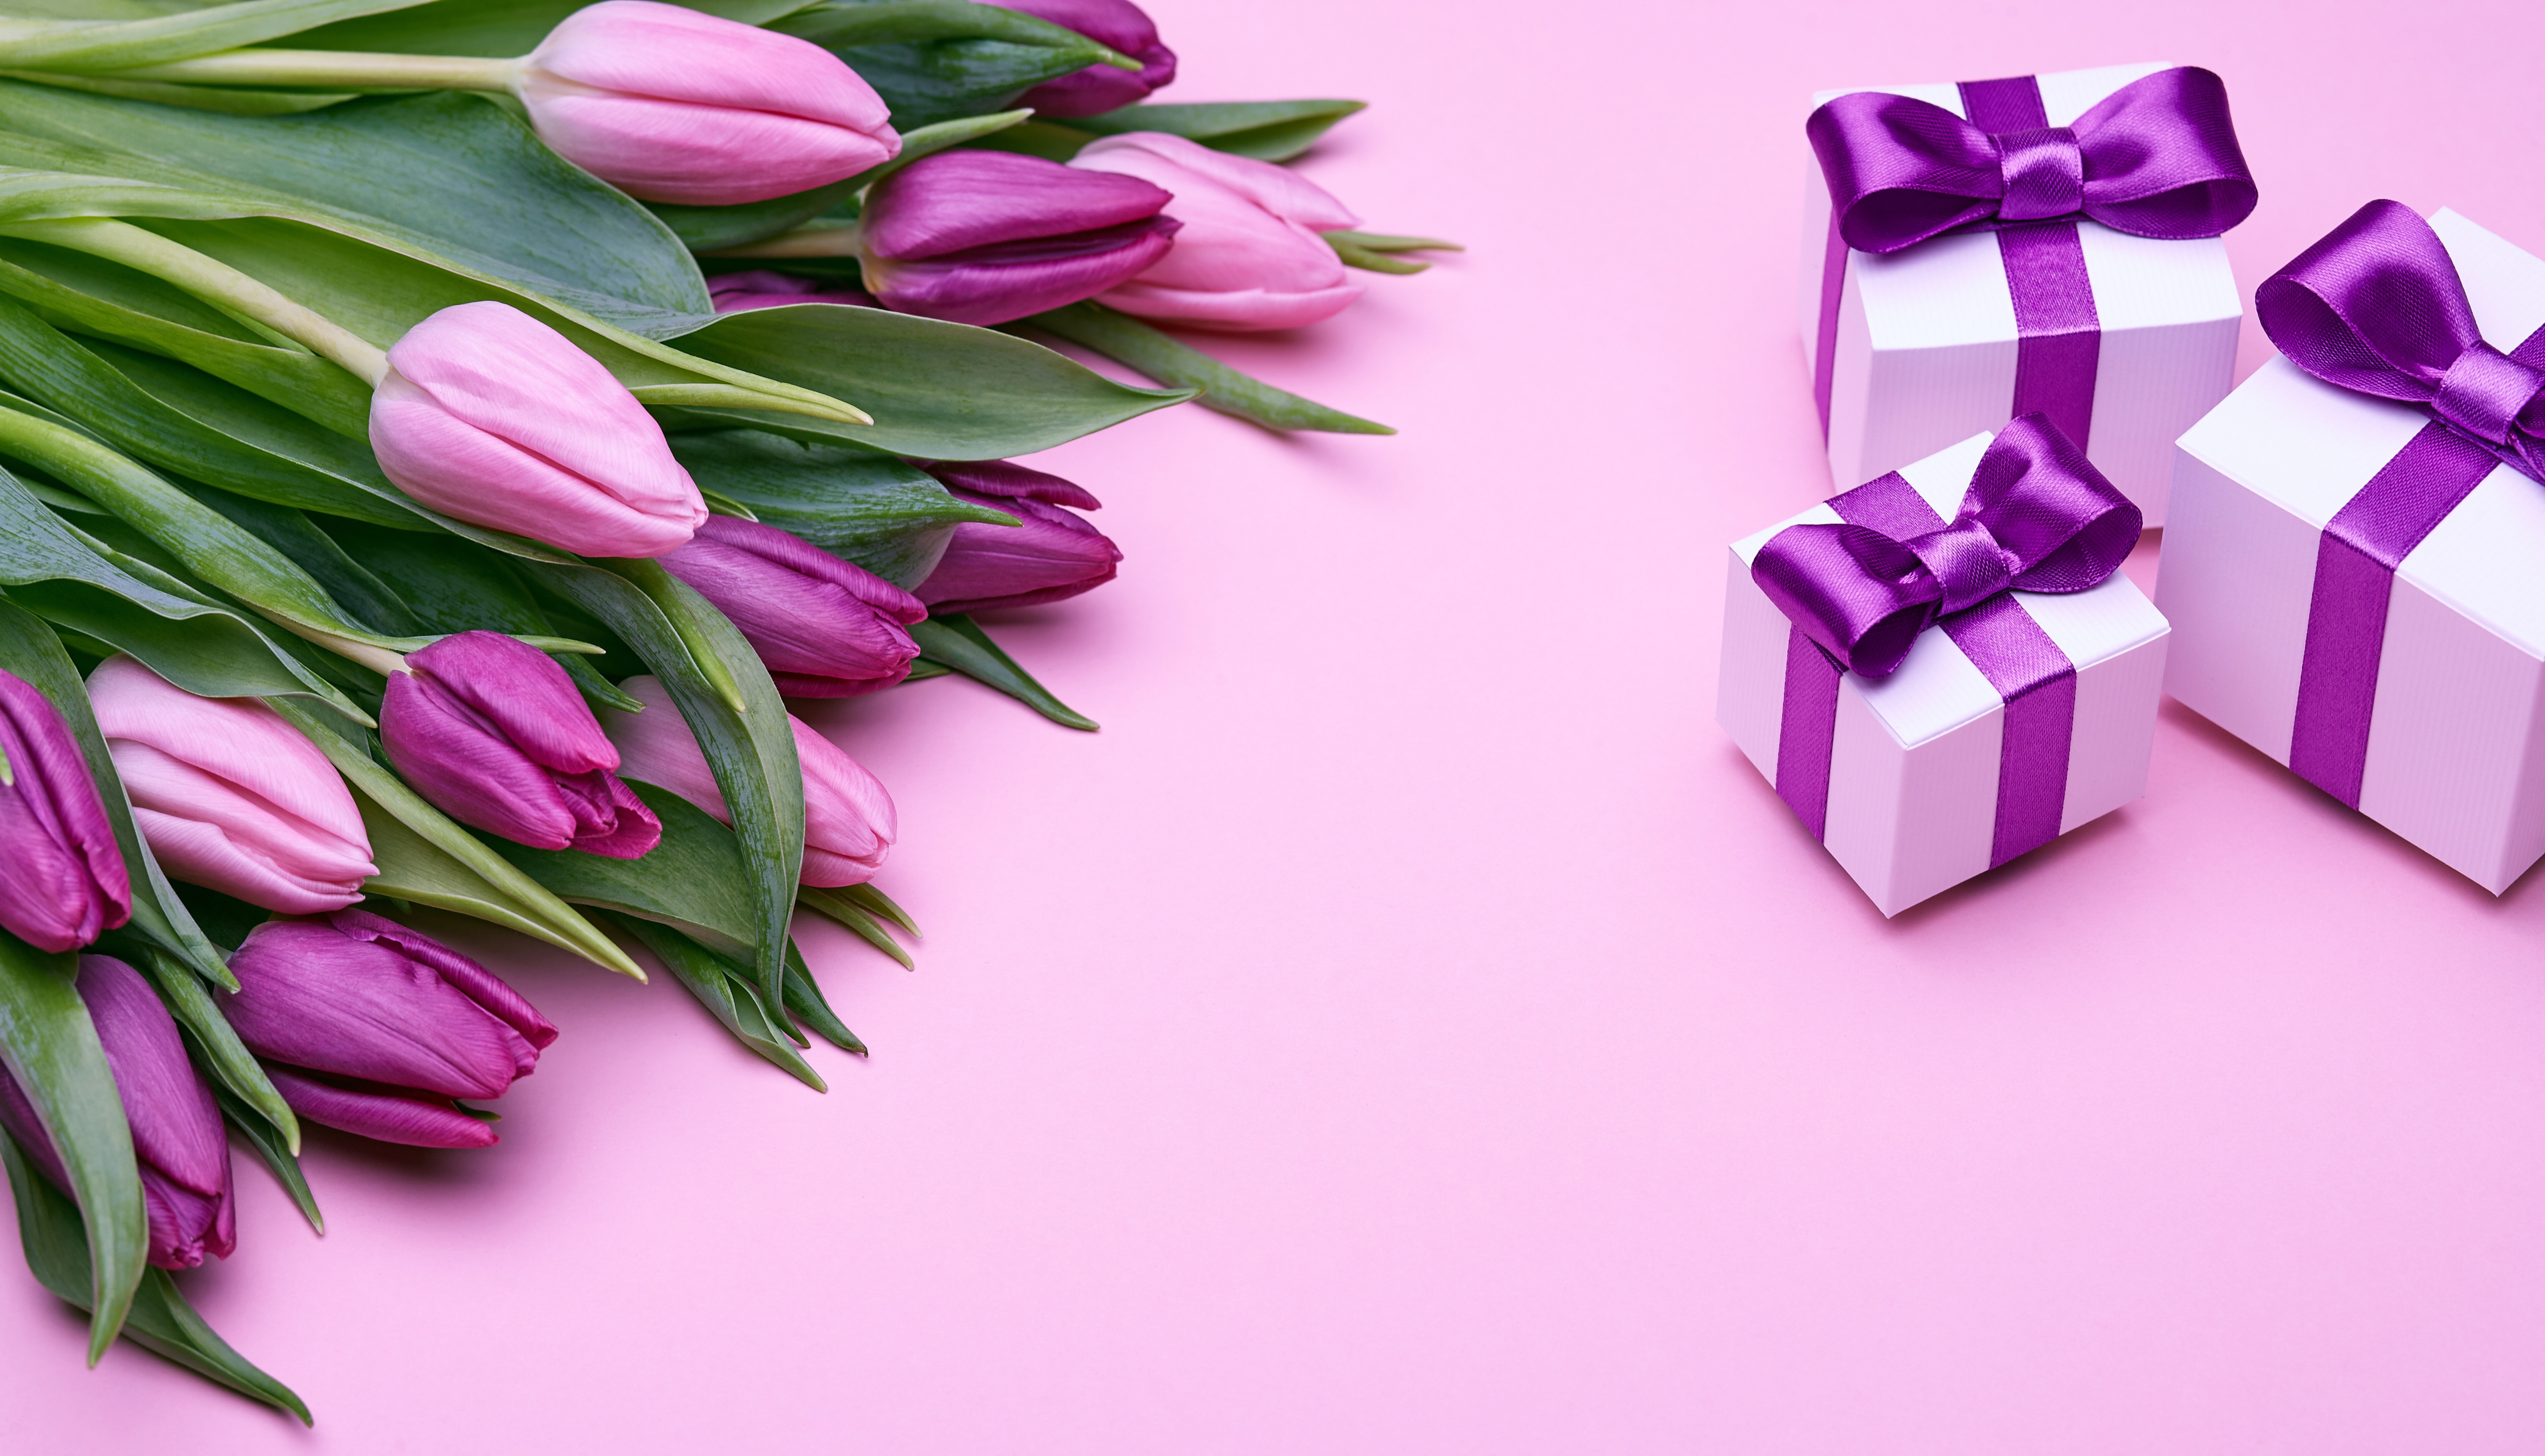 фиолетовые цветы в коробке  № 2541441 без смс